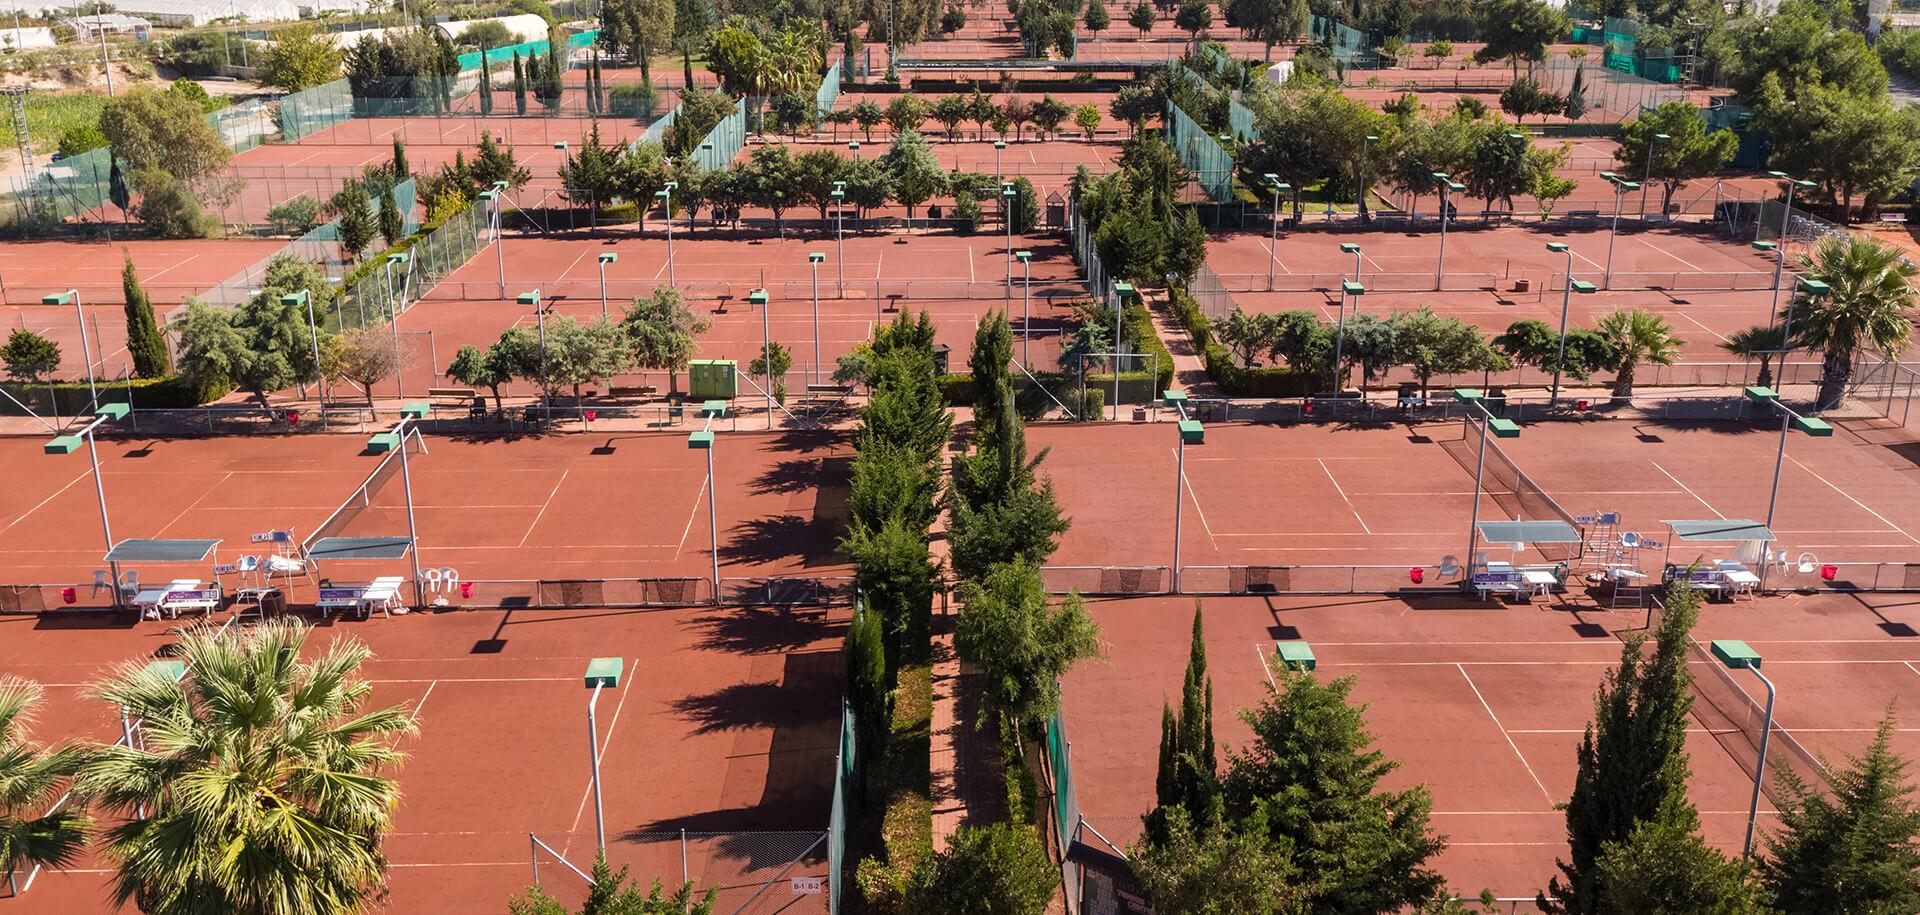 Насладитесь отдыхом в нашем теннисном центре, который состоит из 61 корта, включая детские и развлекательные, и в котором проводится большое количество национальных и международных турниров.